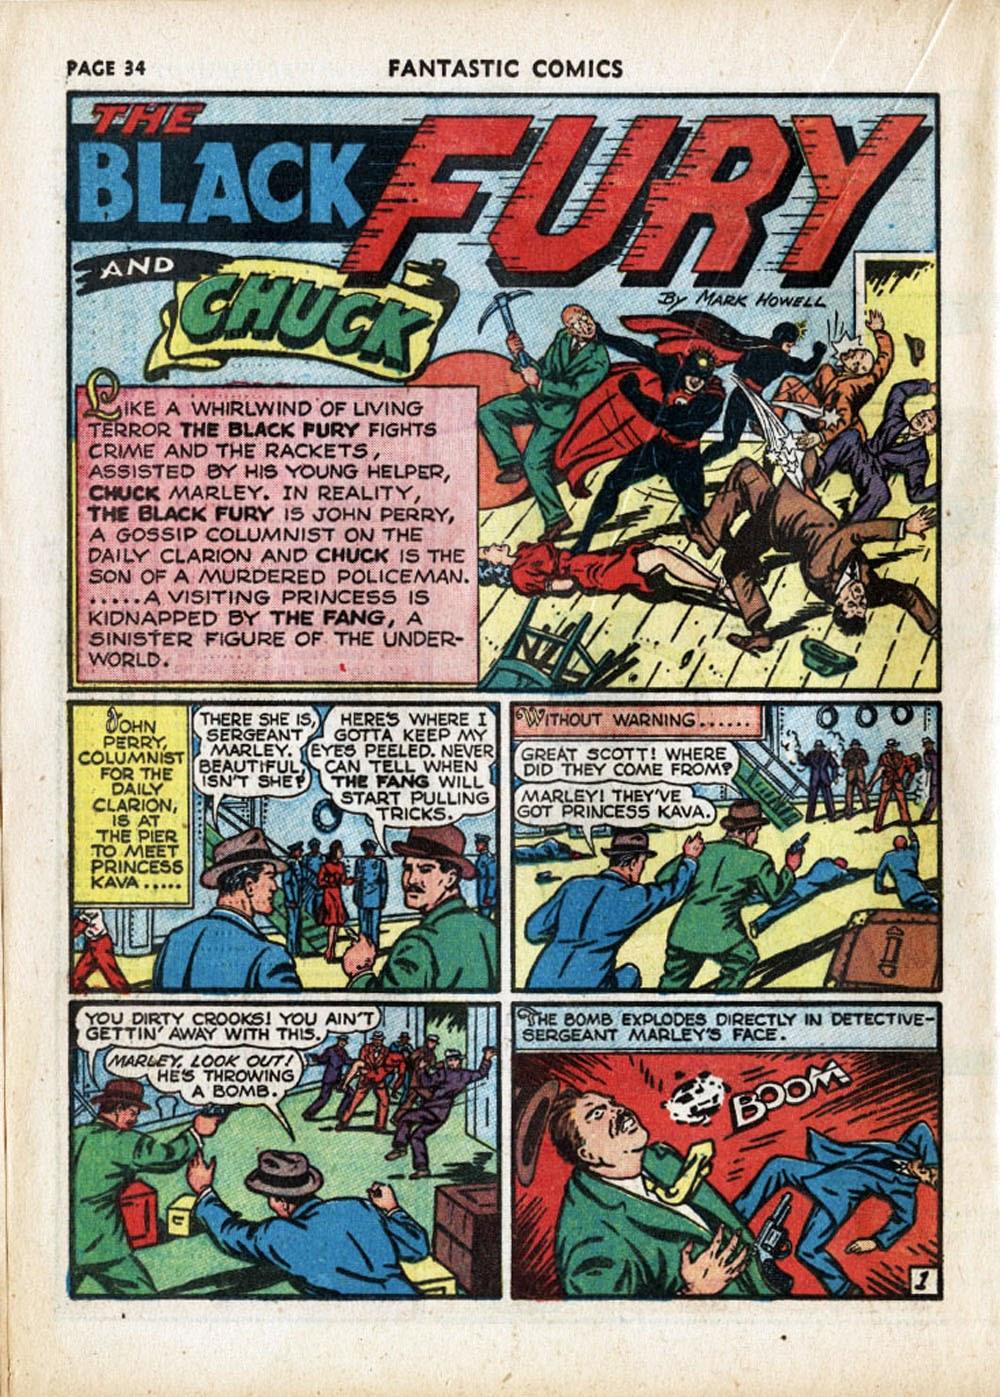 Read online Fantastic Comics comic -  Issue #17 - 35